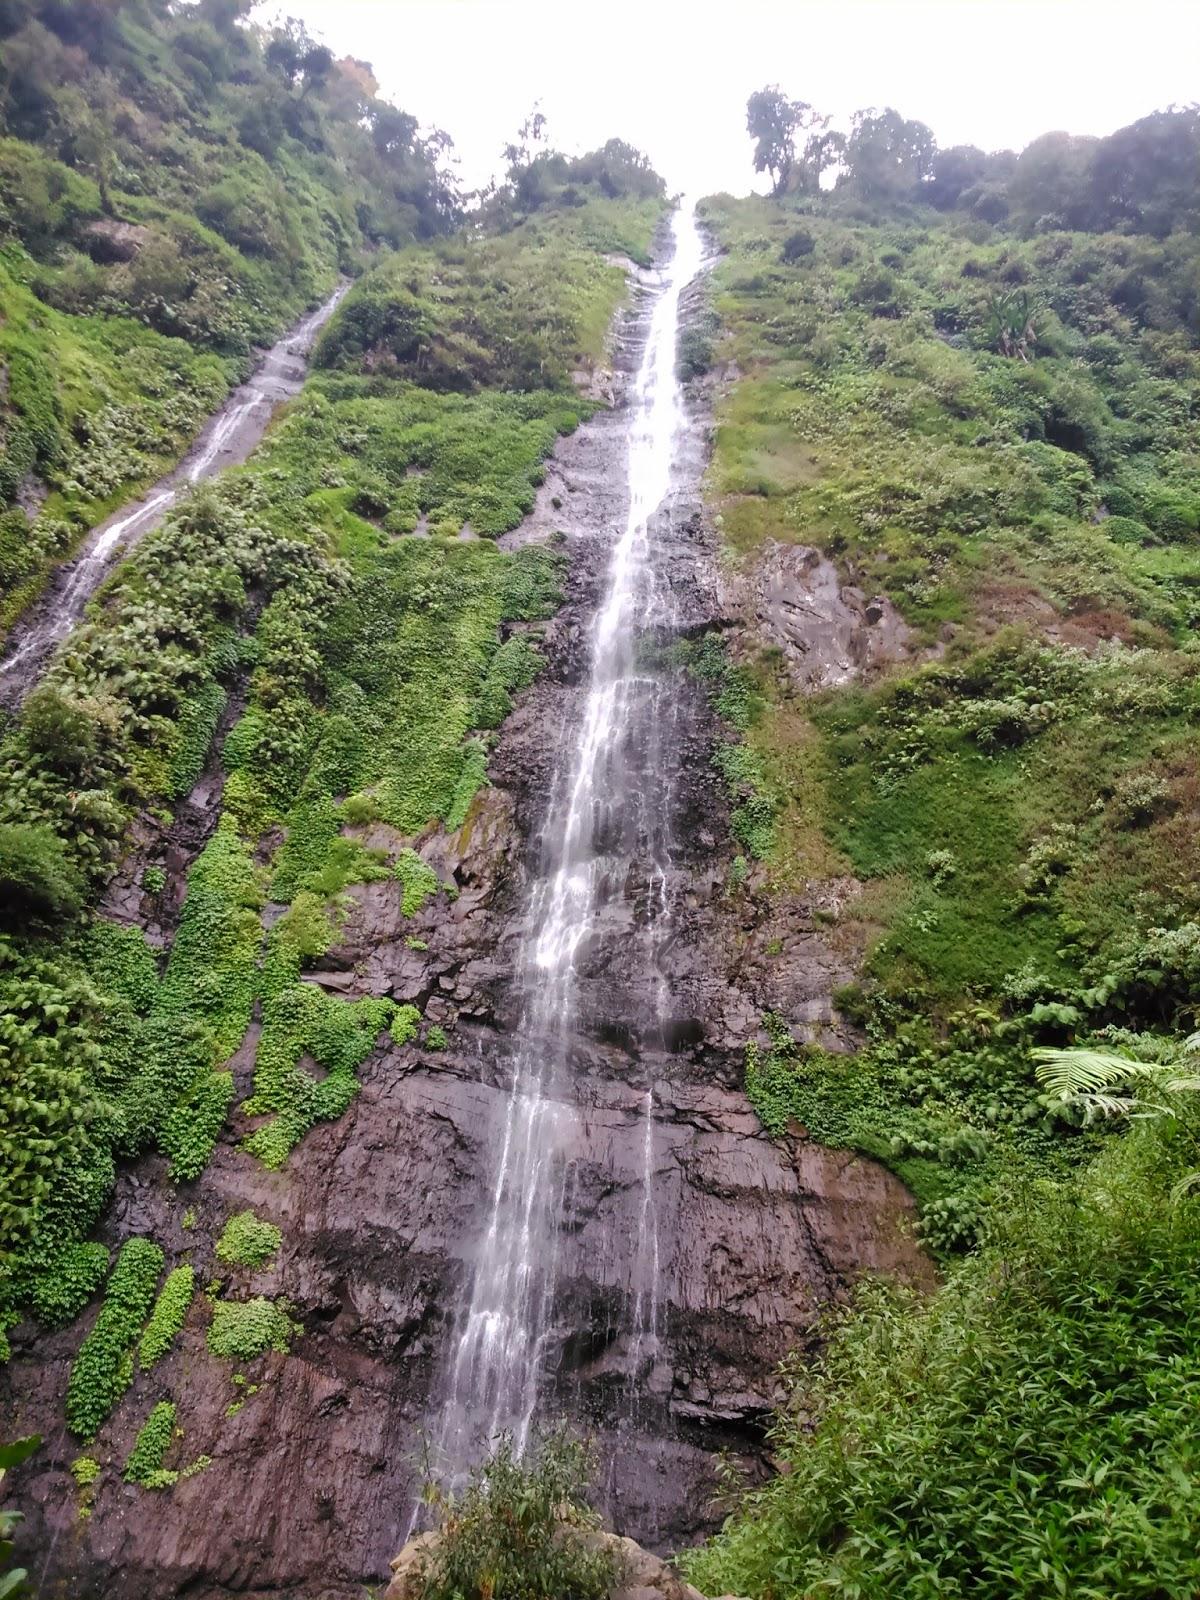 Air Terjun Tretes Pesona Tertinggi Jawa Timur Wisata Goa Jepang